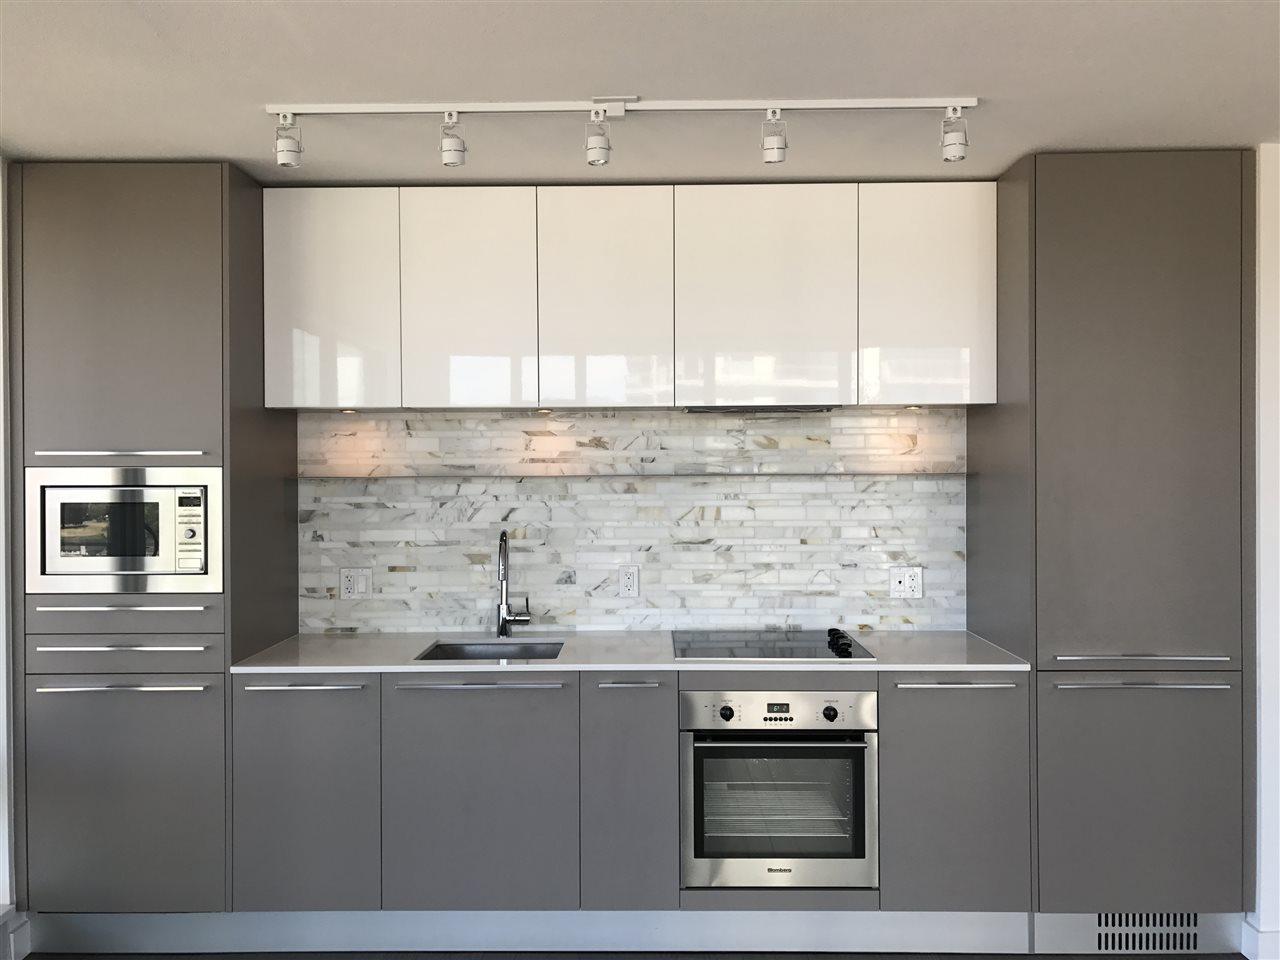 Condo Apartment at 1504 8131 NUNAVUT LANE, Unit 1504, Vancouver West, British Columbia. Image 1